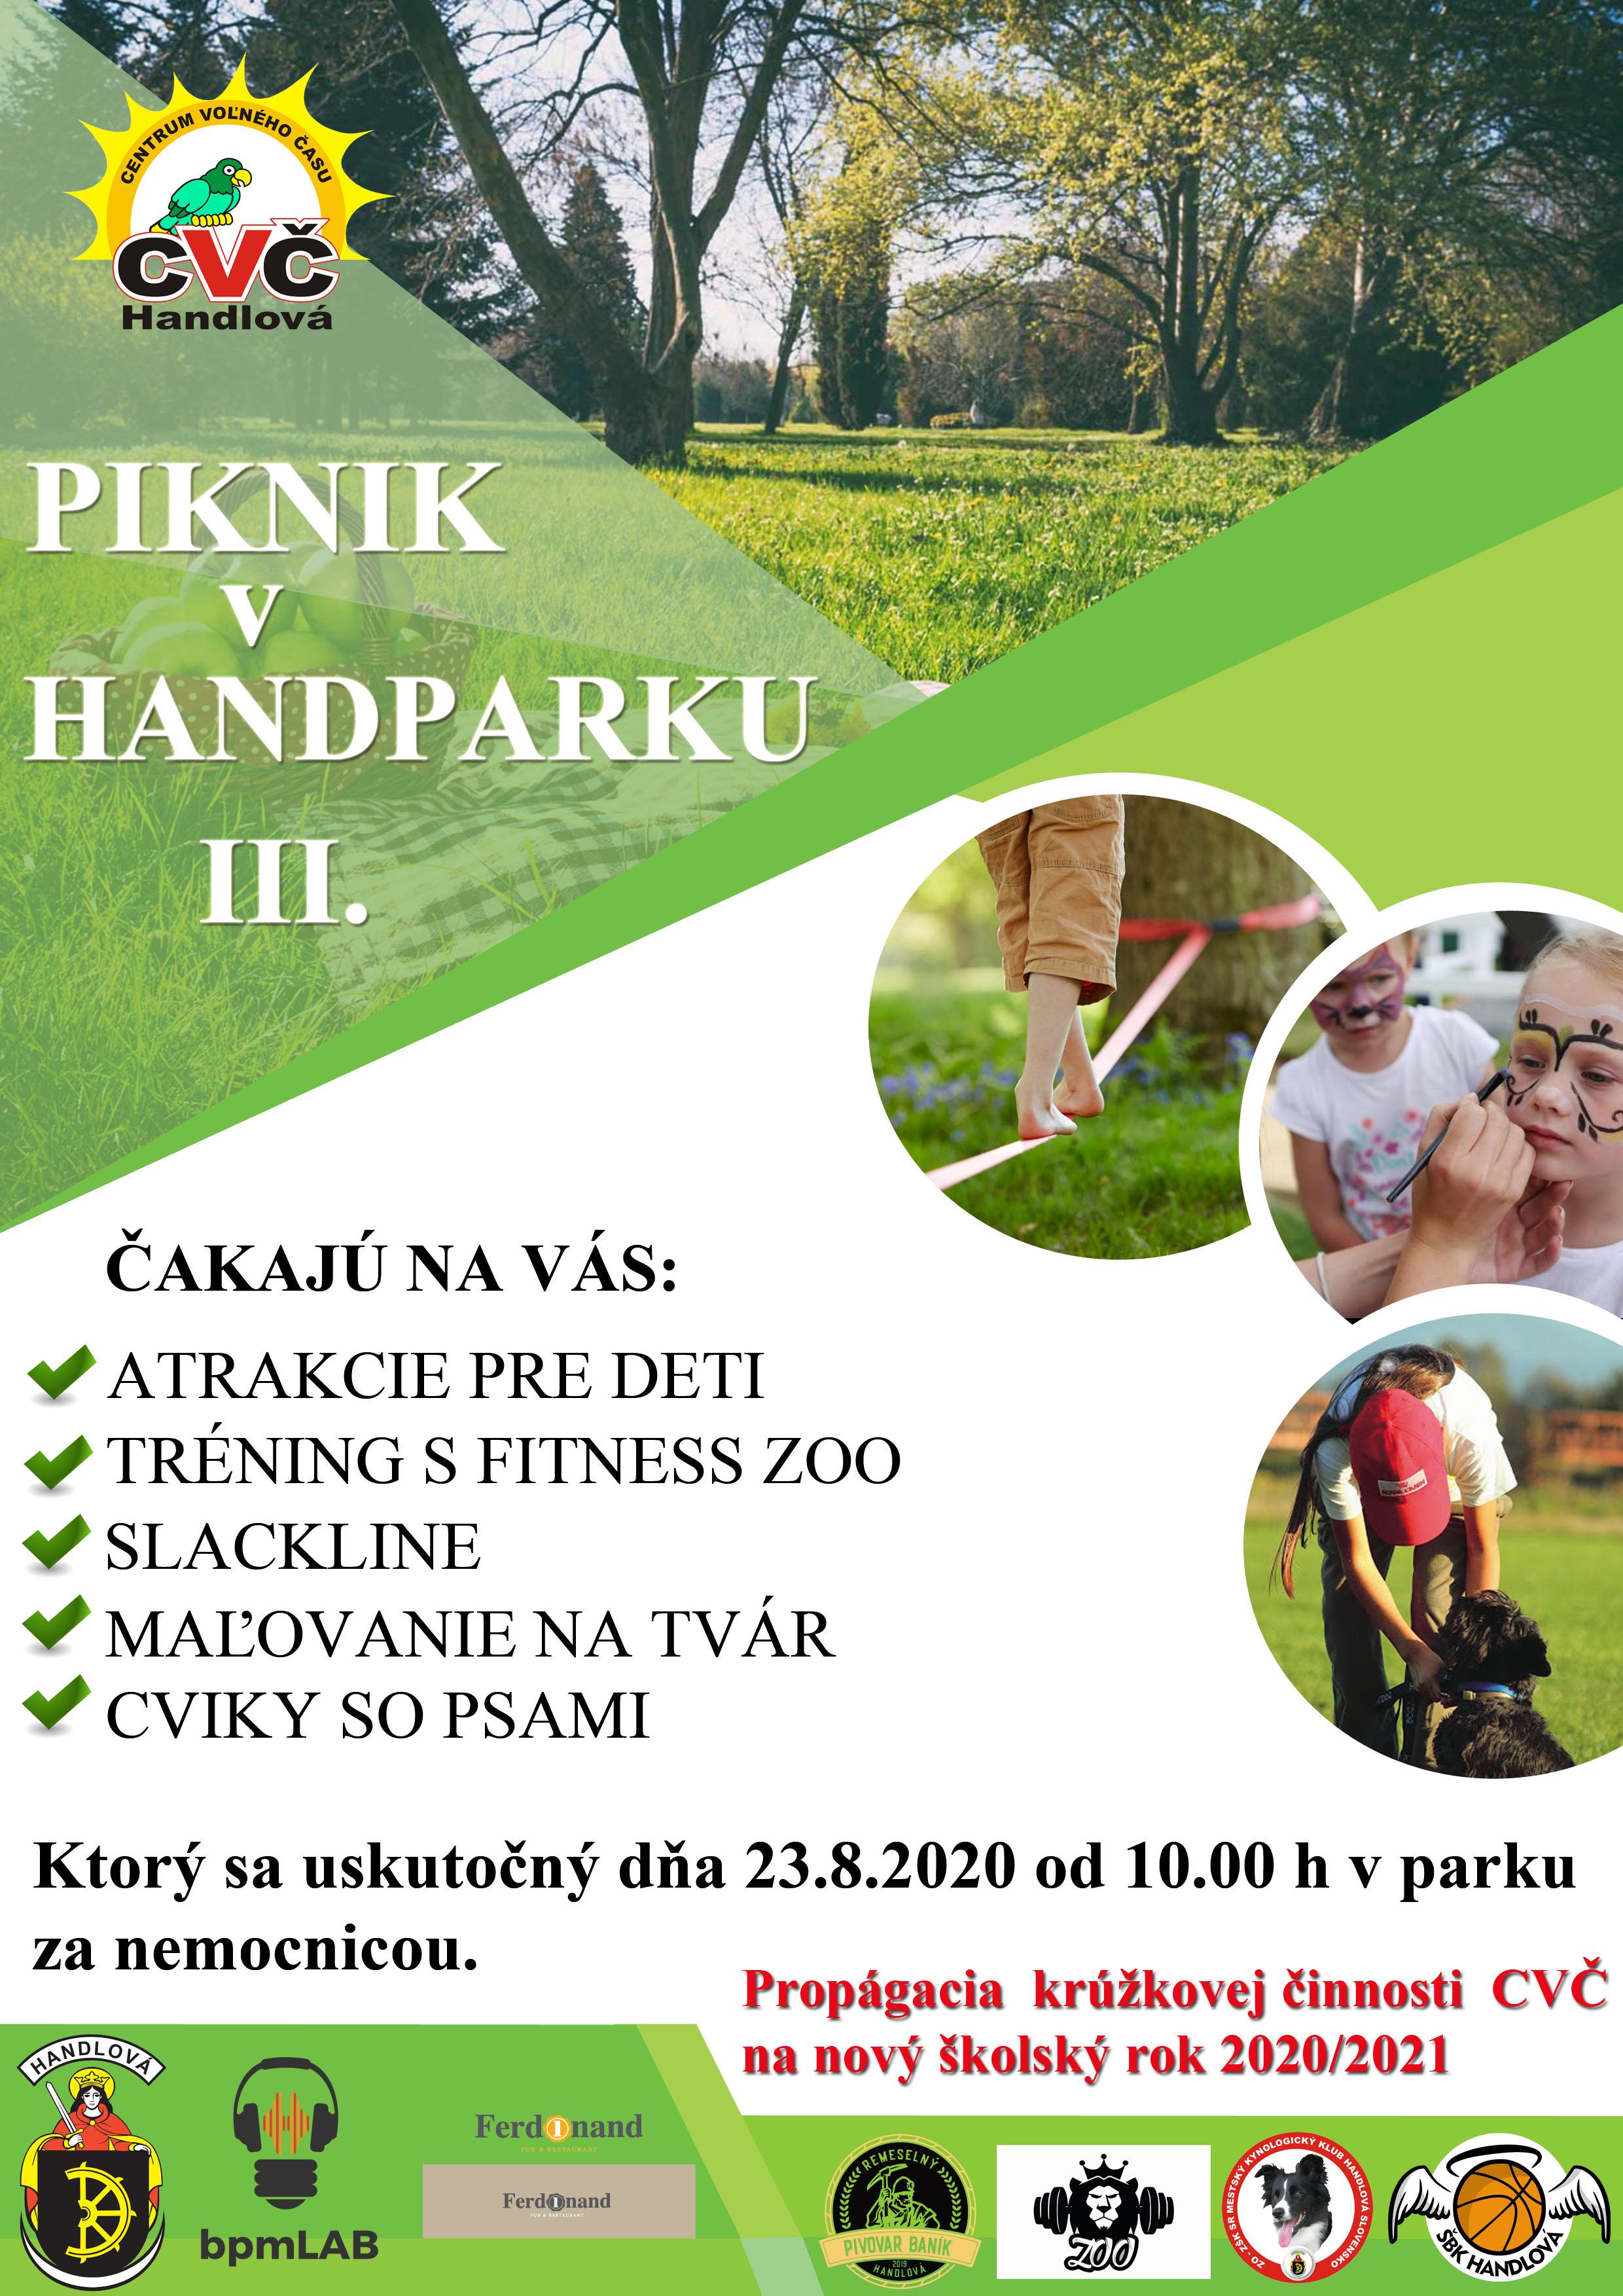 plagat_piknik